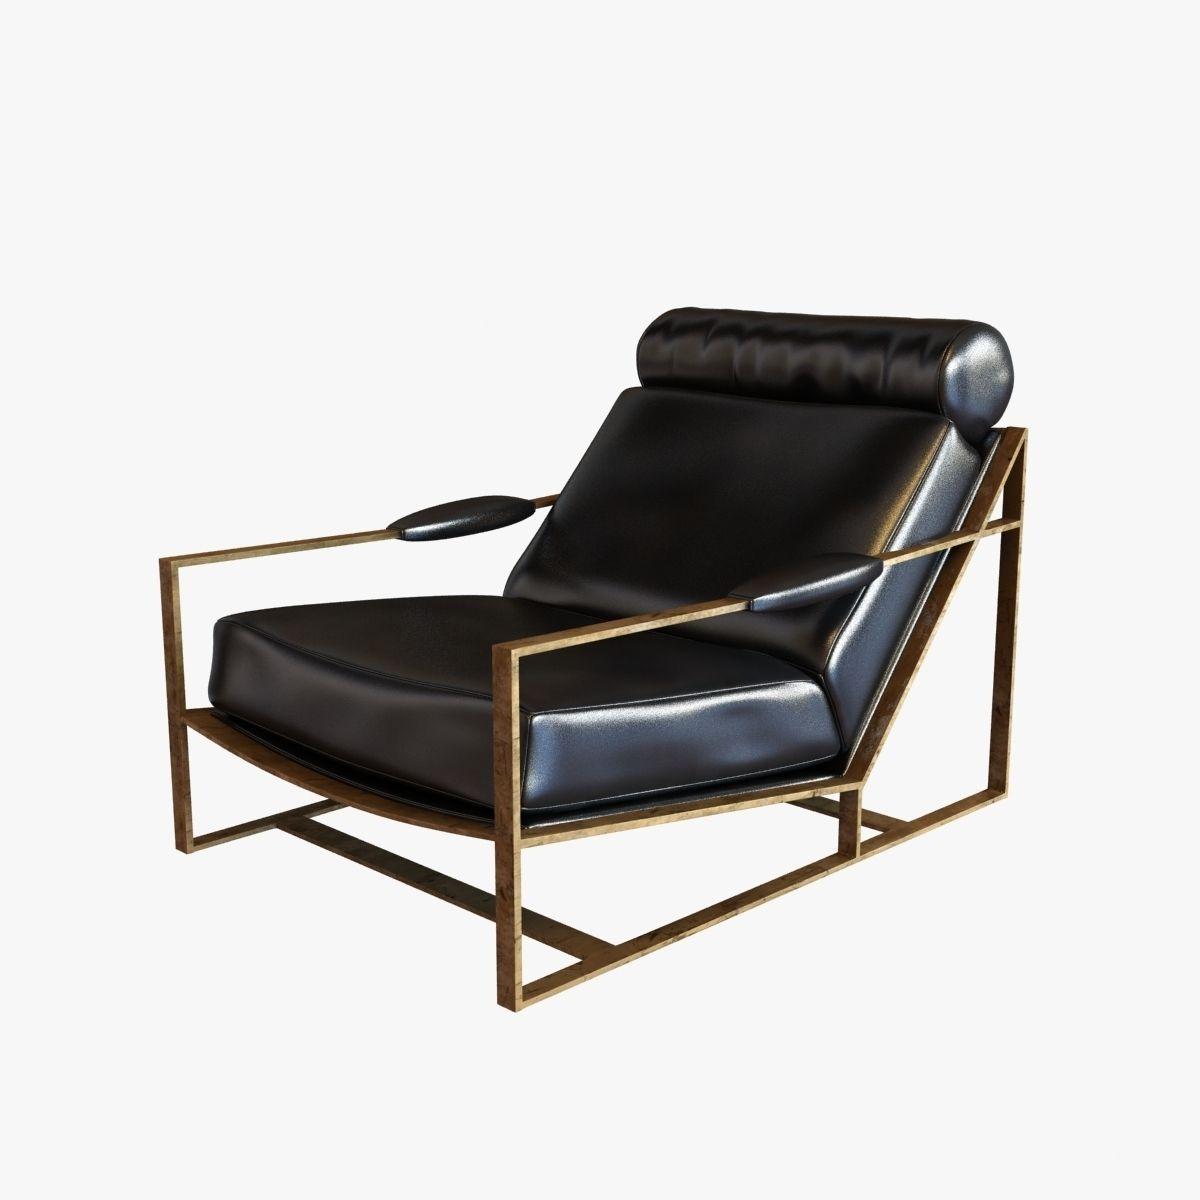 Milo Baughman Rare Bronze Frame Black Leather Lounge Chair 3d Model Max Obj  3ds Fbx Mtl ...